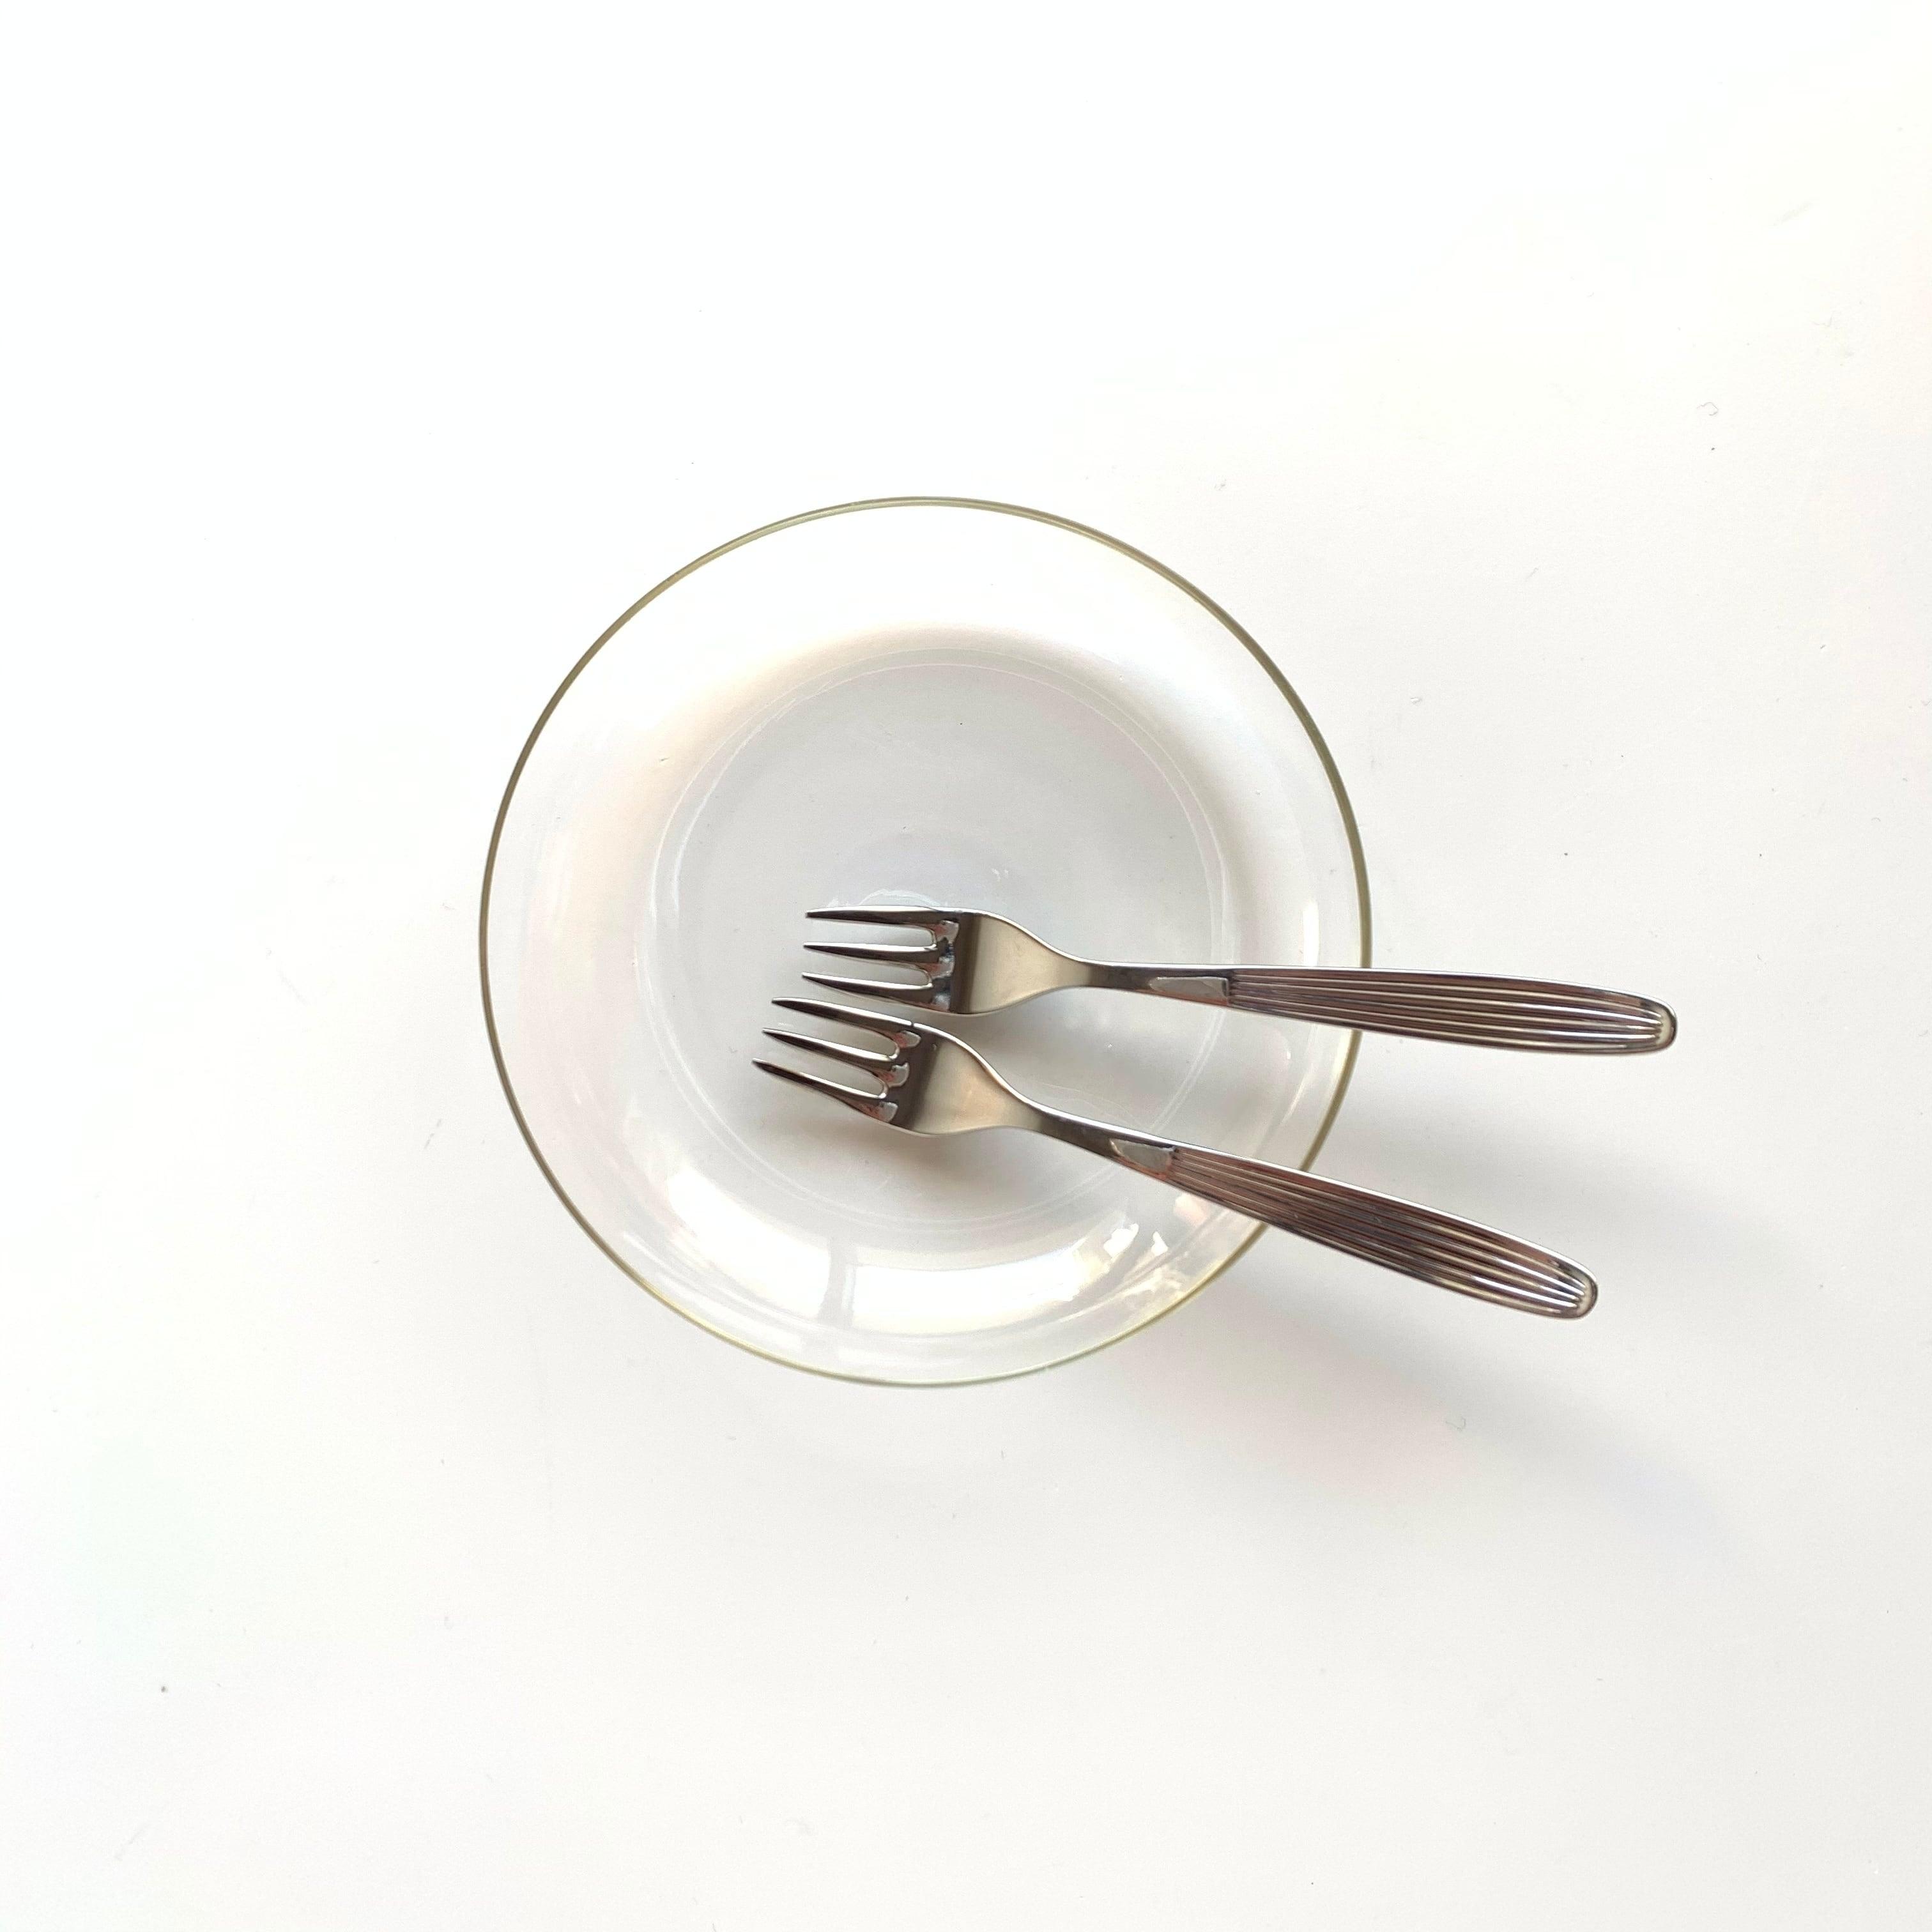 HACKMAN / SCANDIA / Dessert Fork